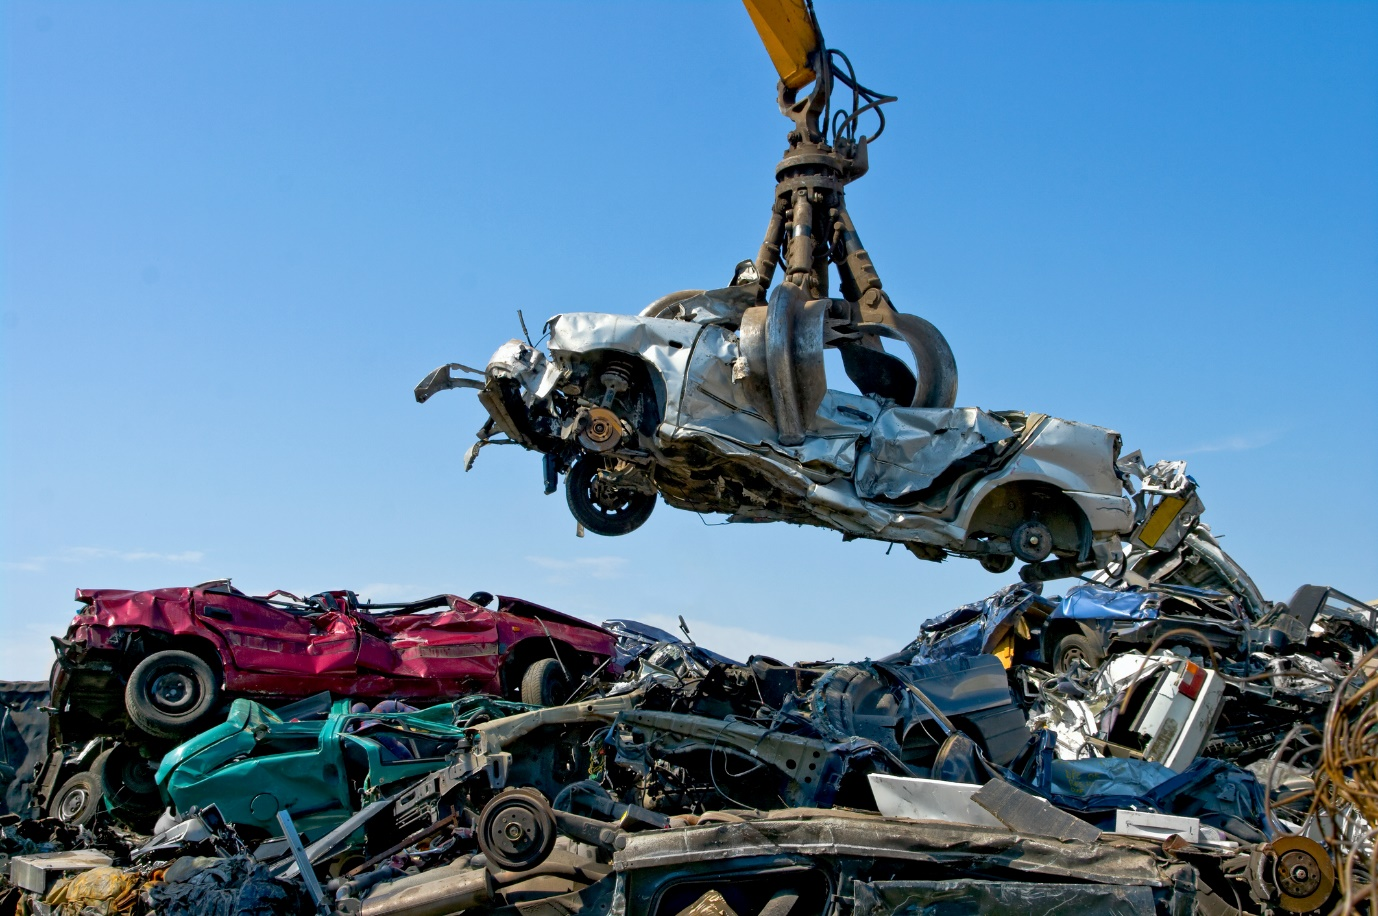 car in scrap metal yard